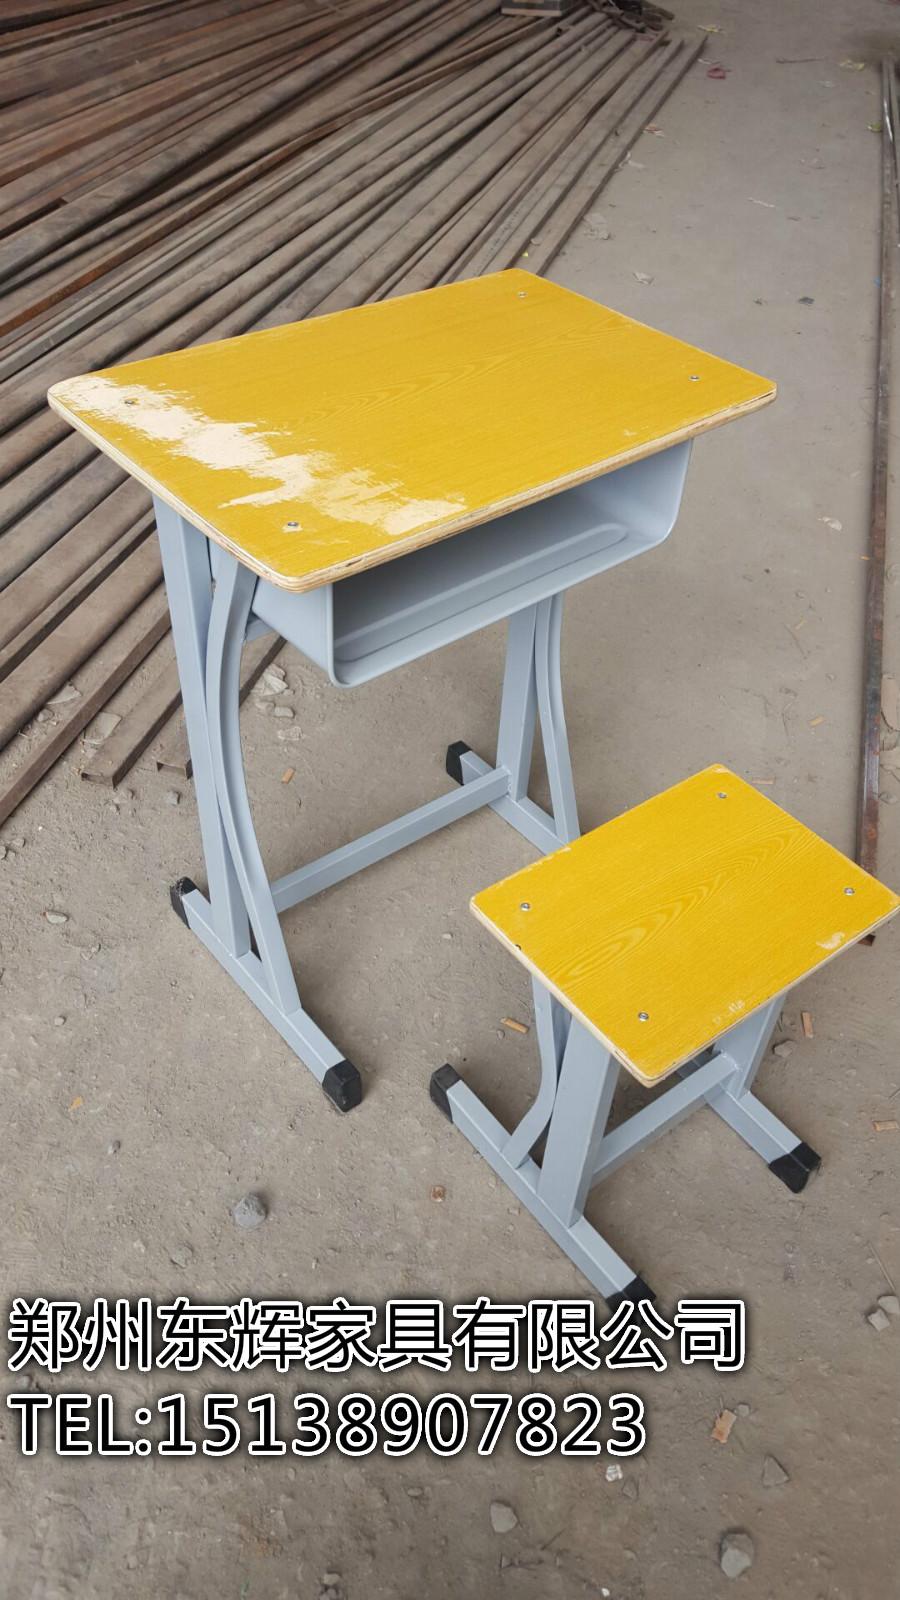 郑州升降课桌椅厂家销售